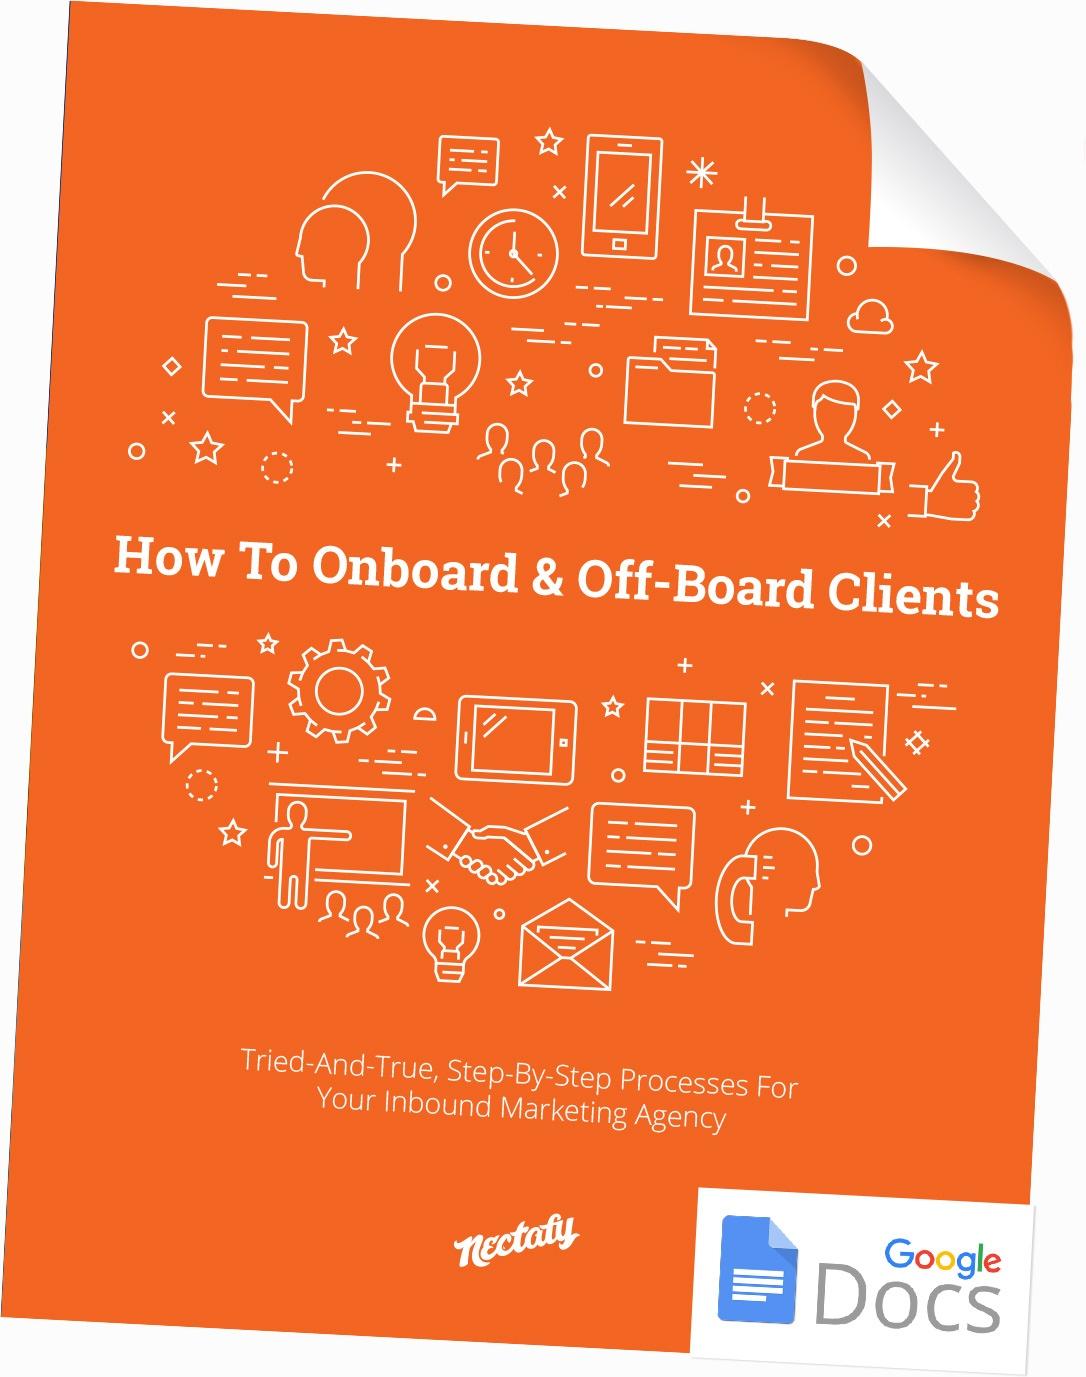 LP-Onboard-Offboard-Inbound-Marketing-Clients-Nectafy.jpg